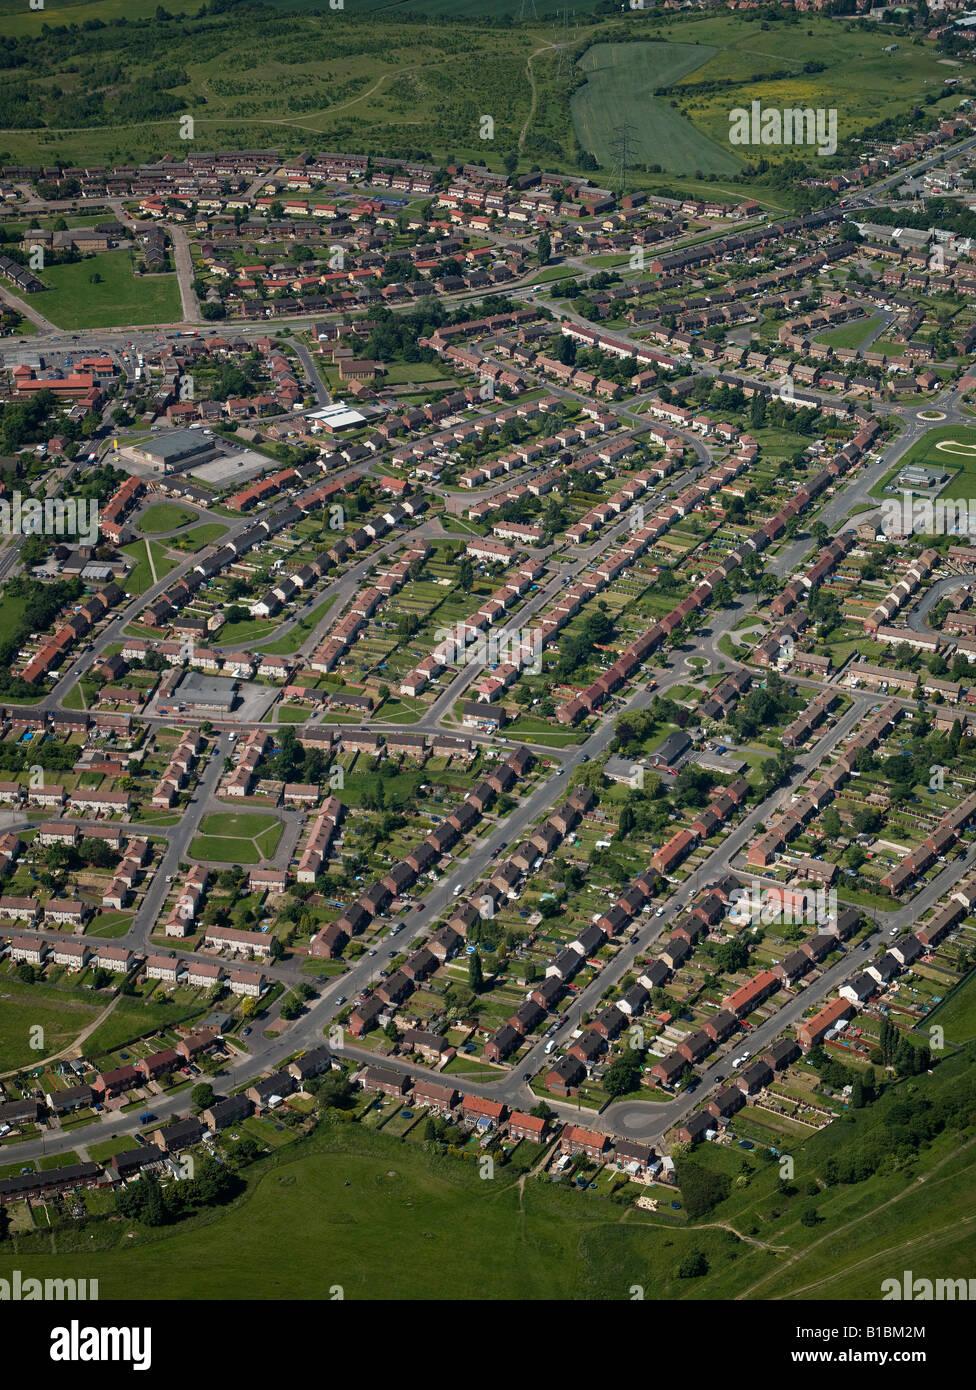 L'autorité locale de l'air ensemble immobilier, Barnsley, dans le Yorkshire du Sud, du nord de l'Angleterre Photo Stock